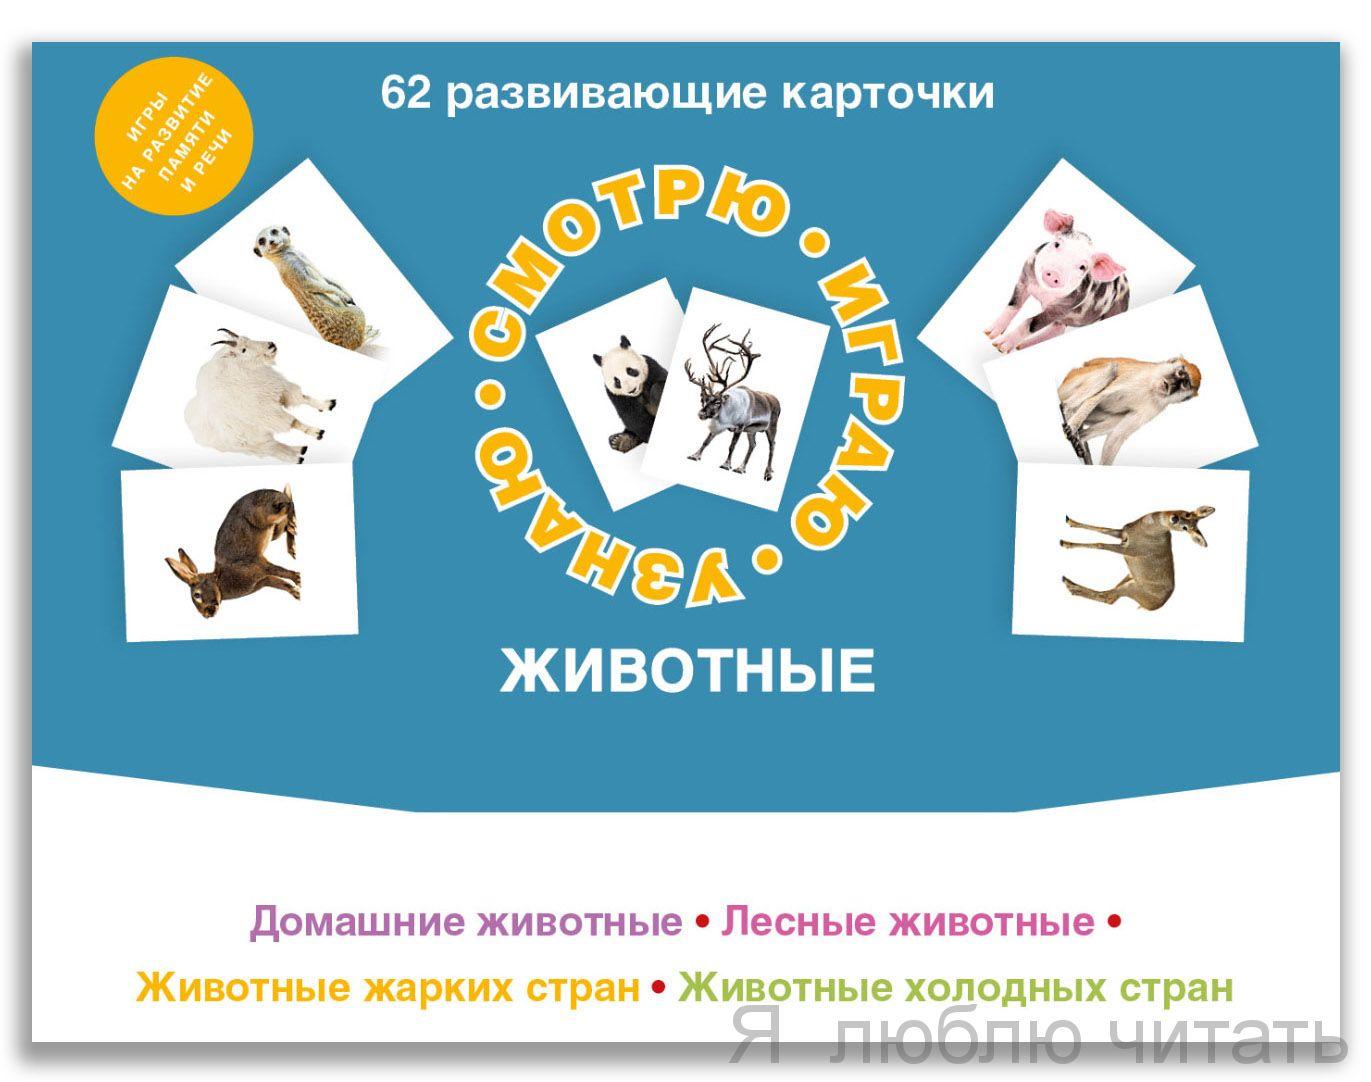 62 развивающие карточки. Животные